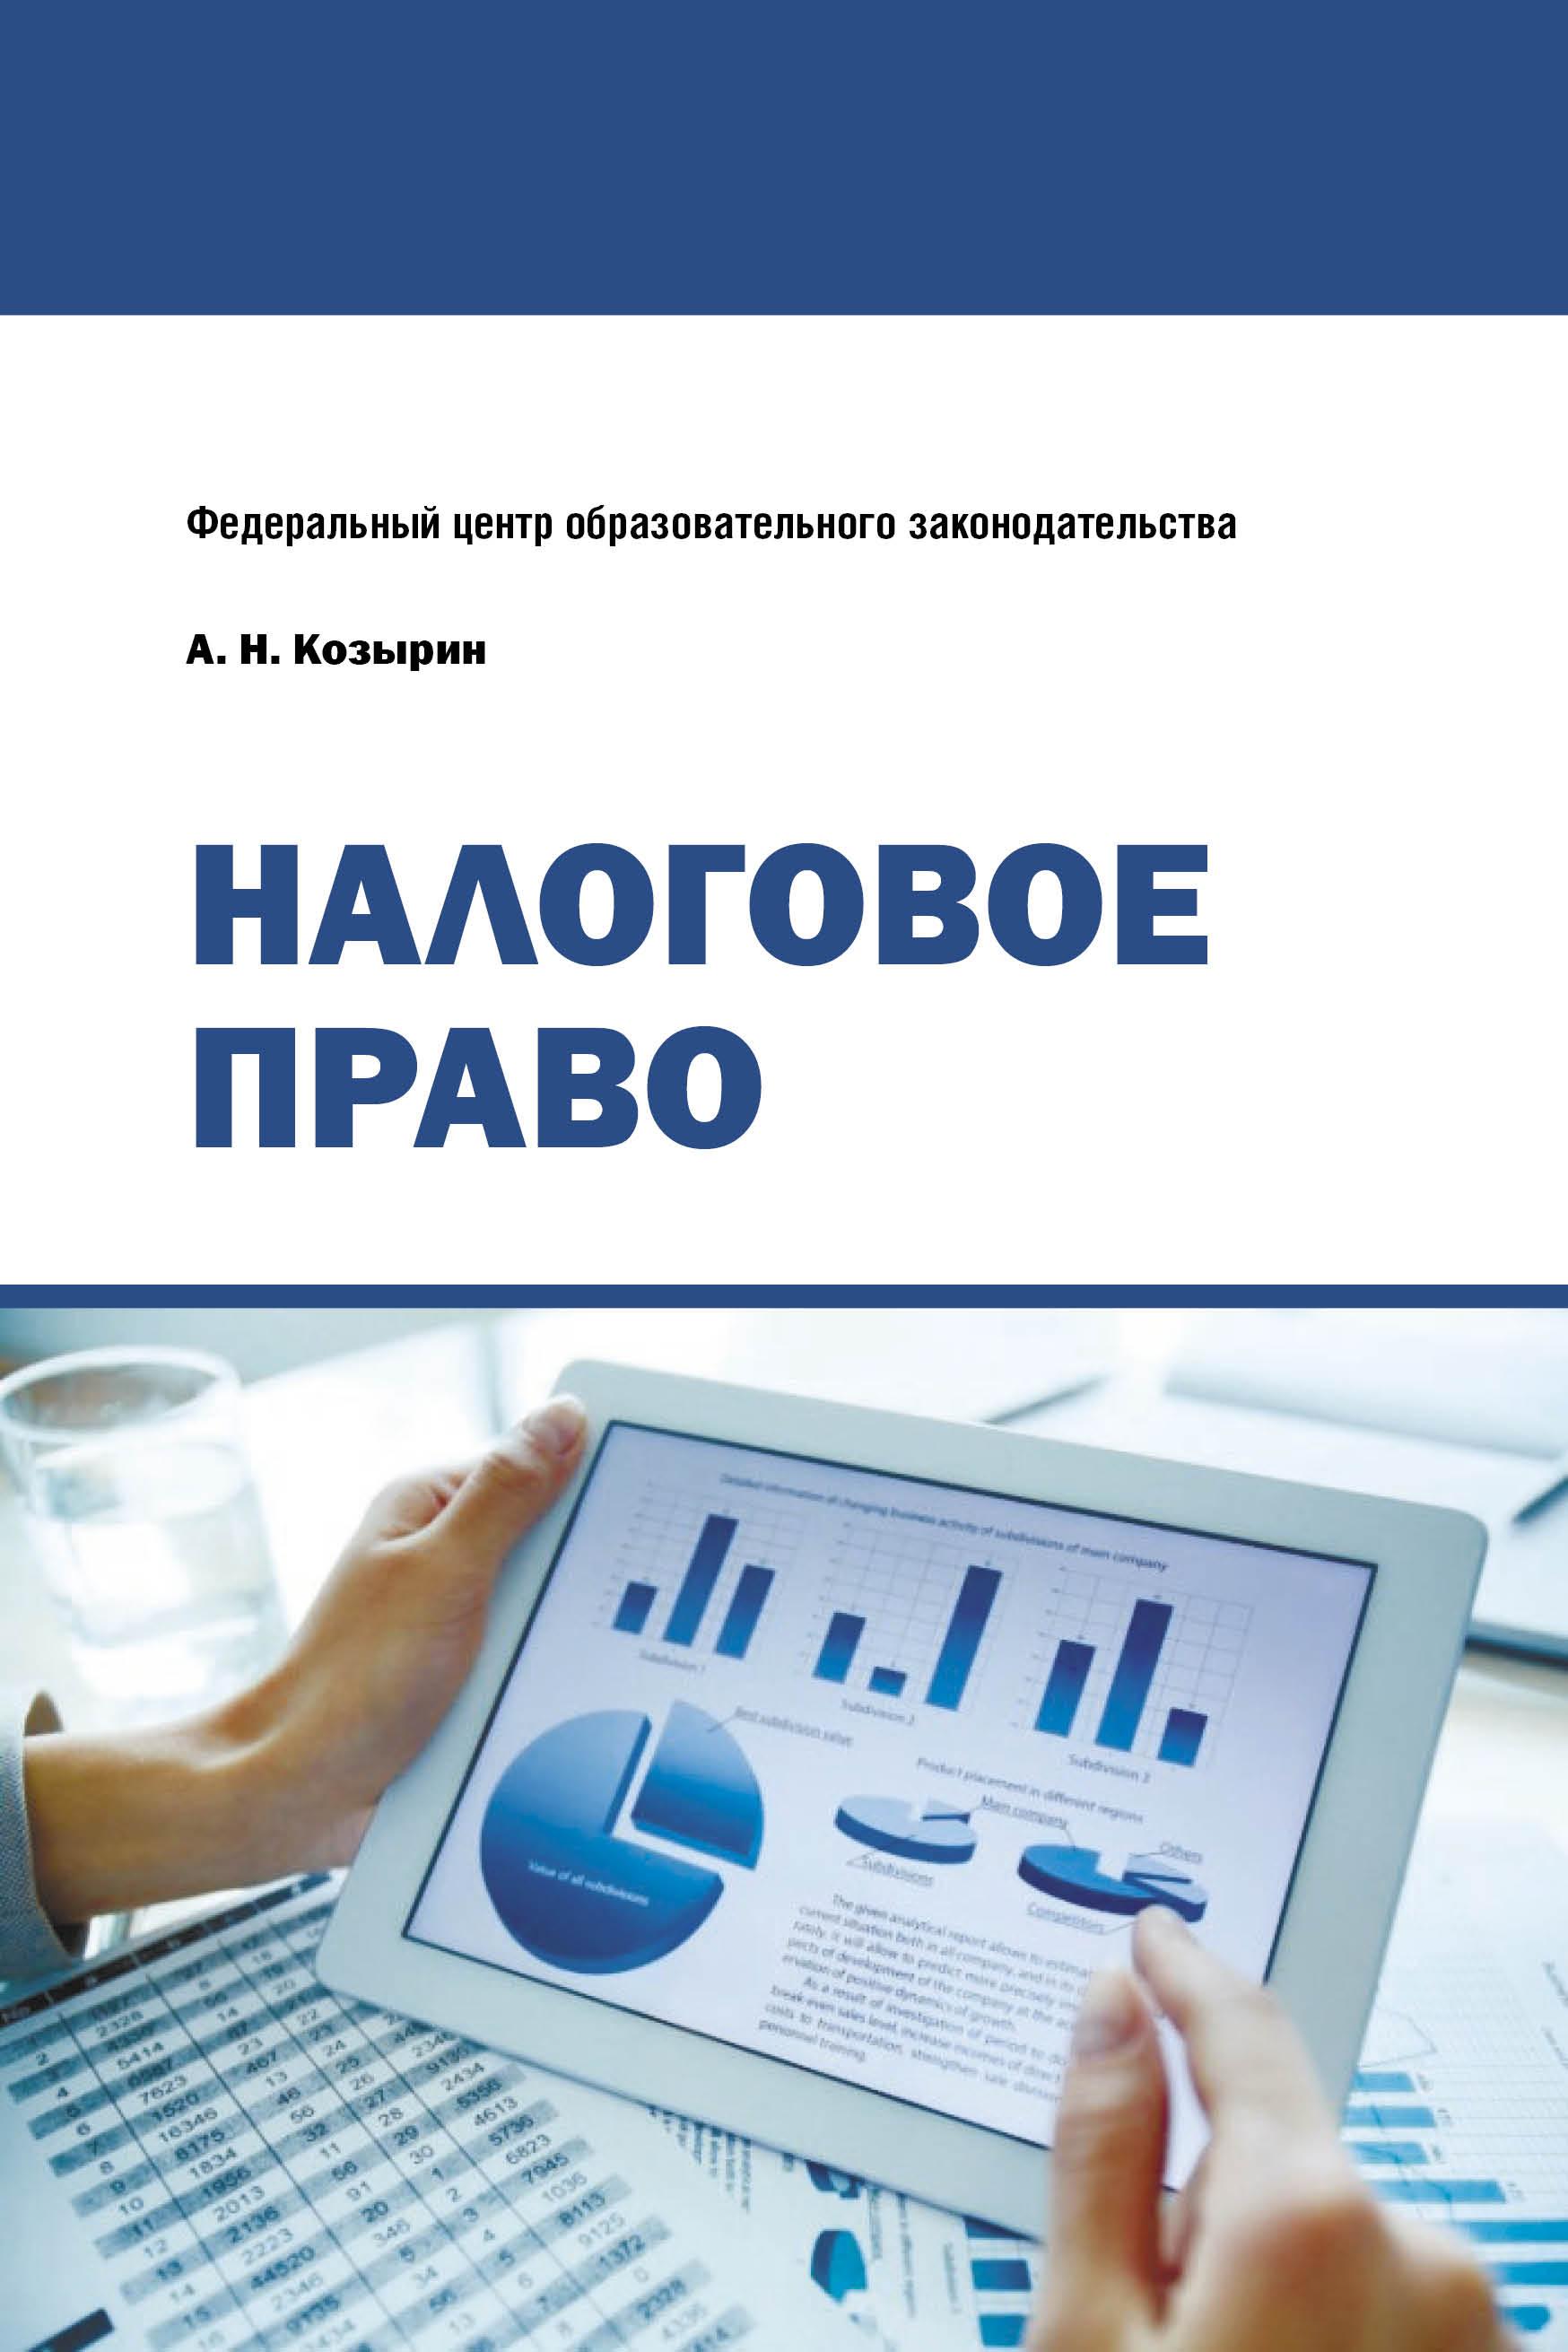 Налоговое право-1 (бакалавриат)